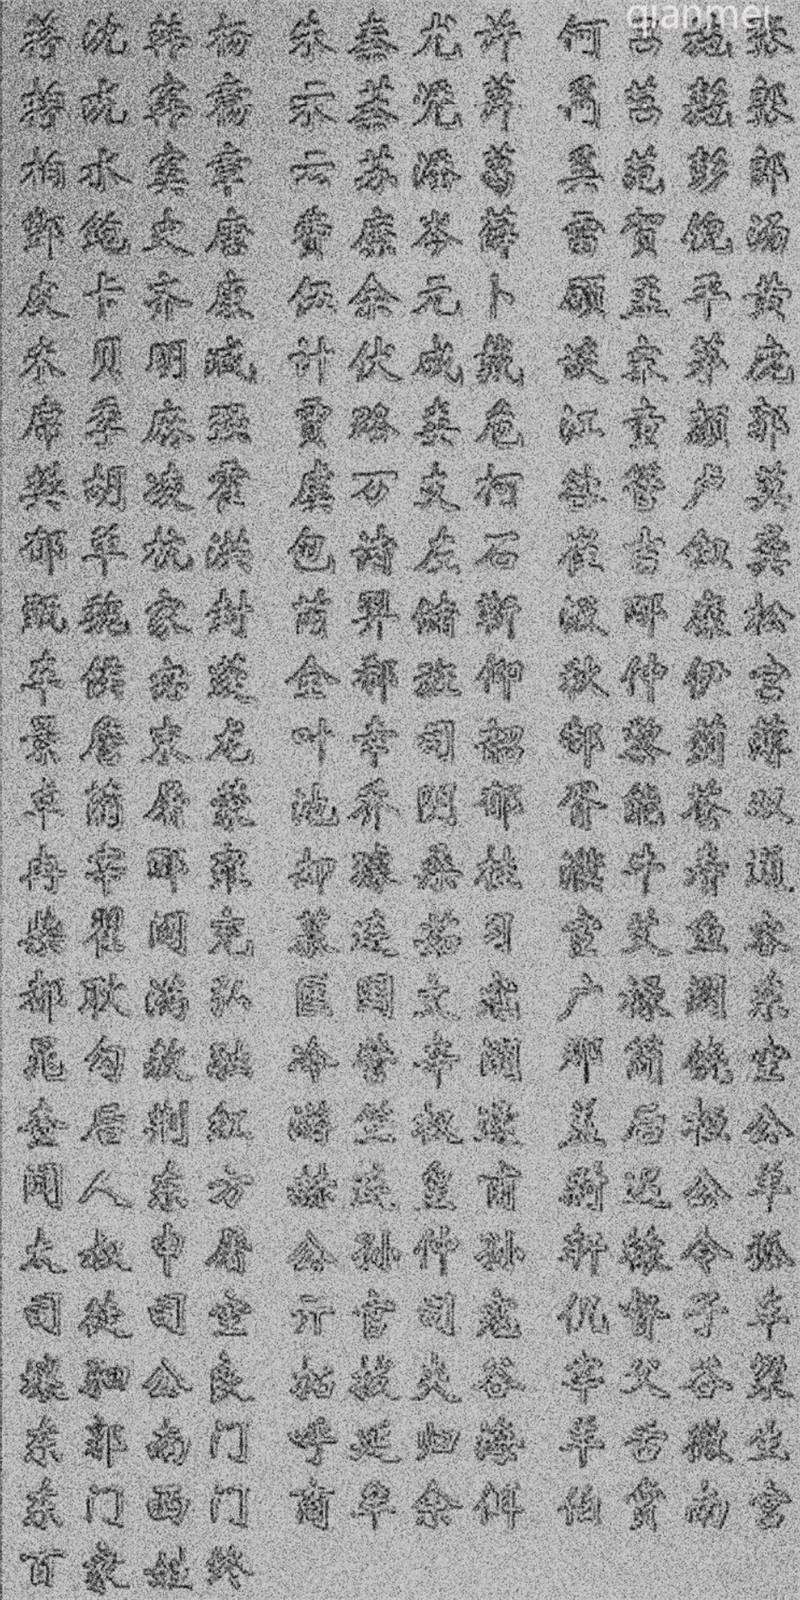 千美集纹理造型文化类